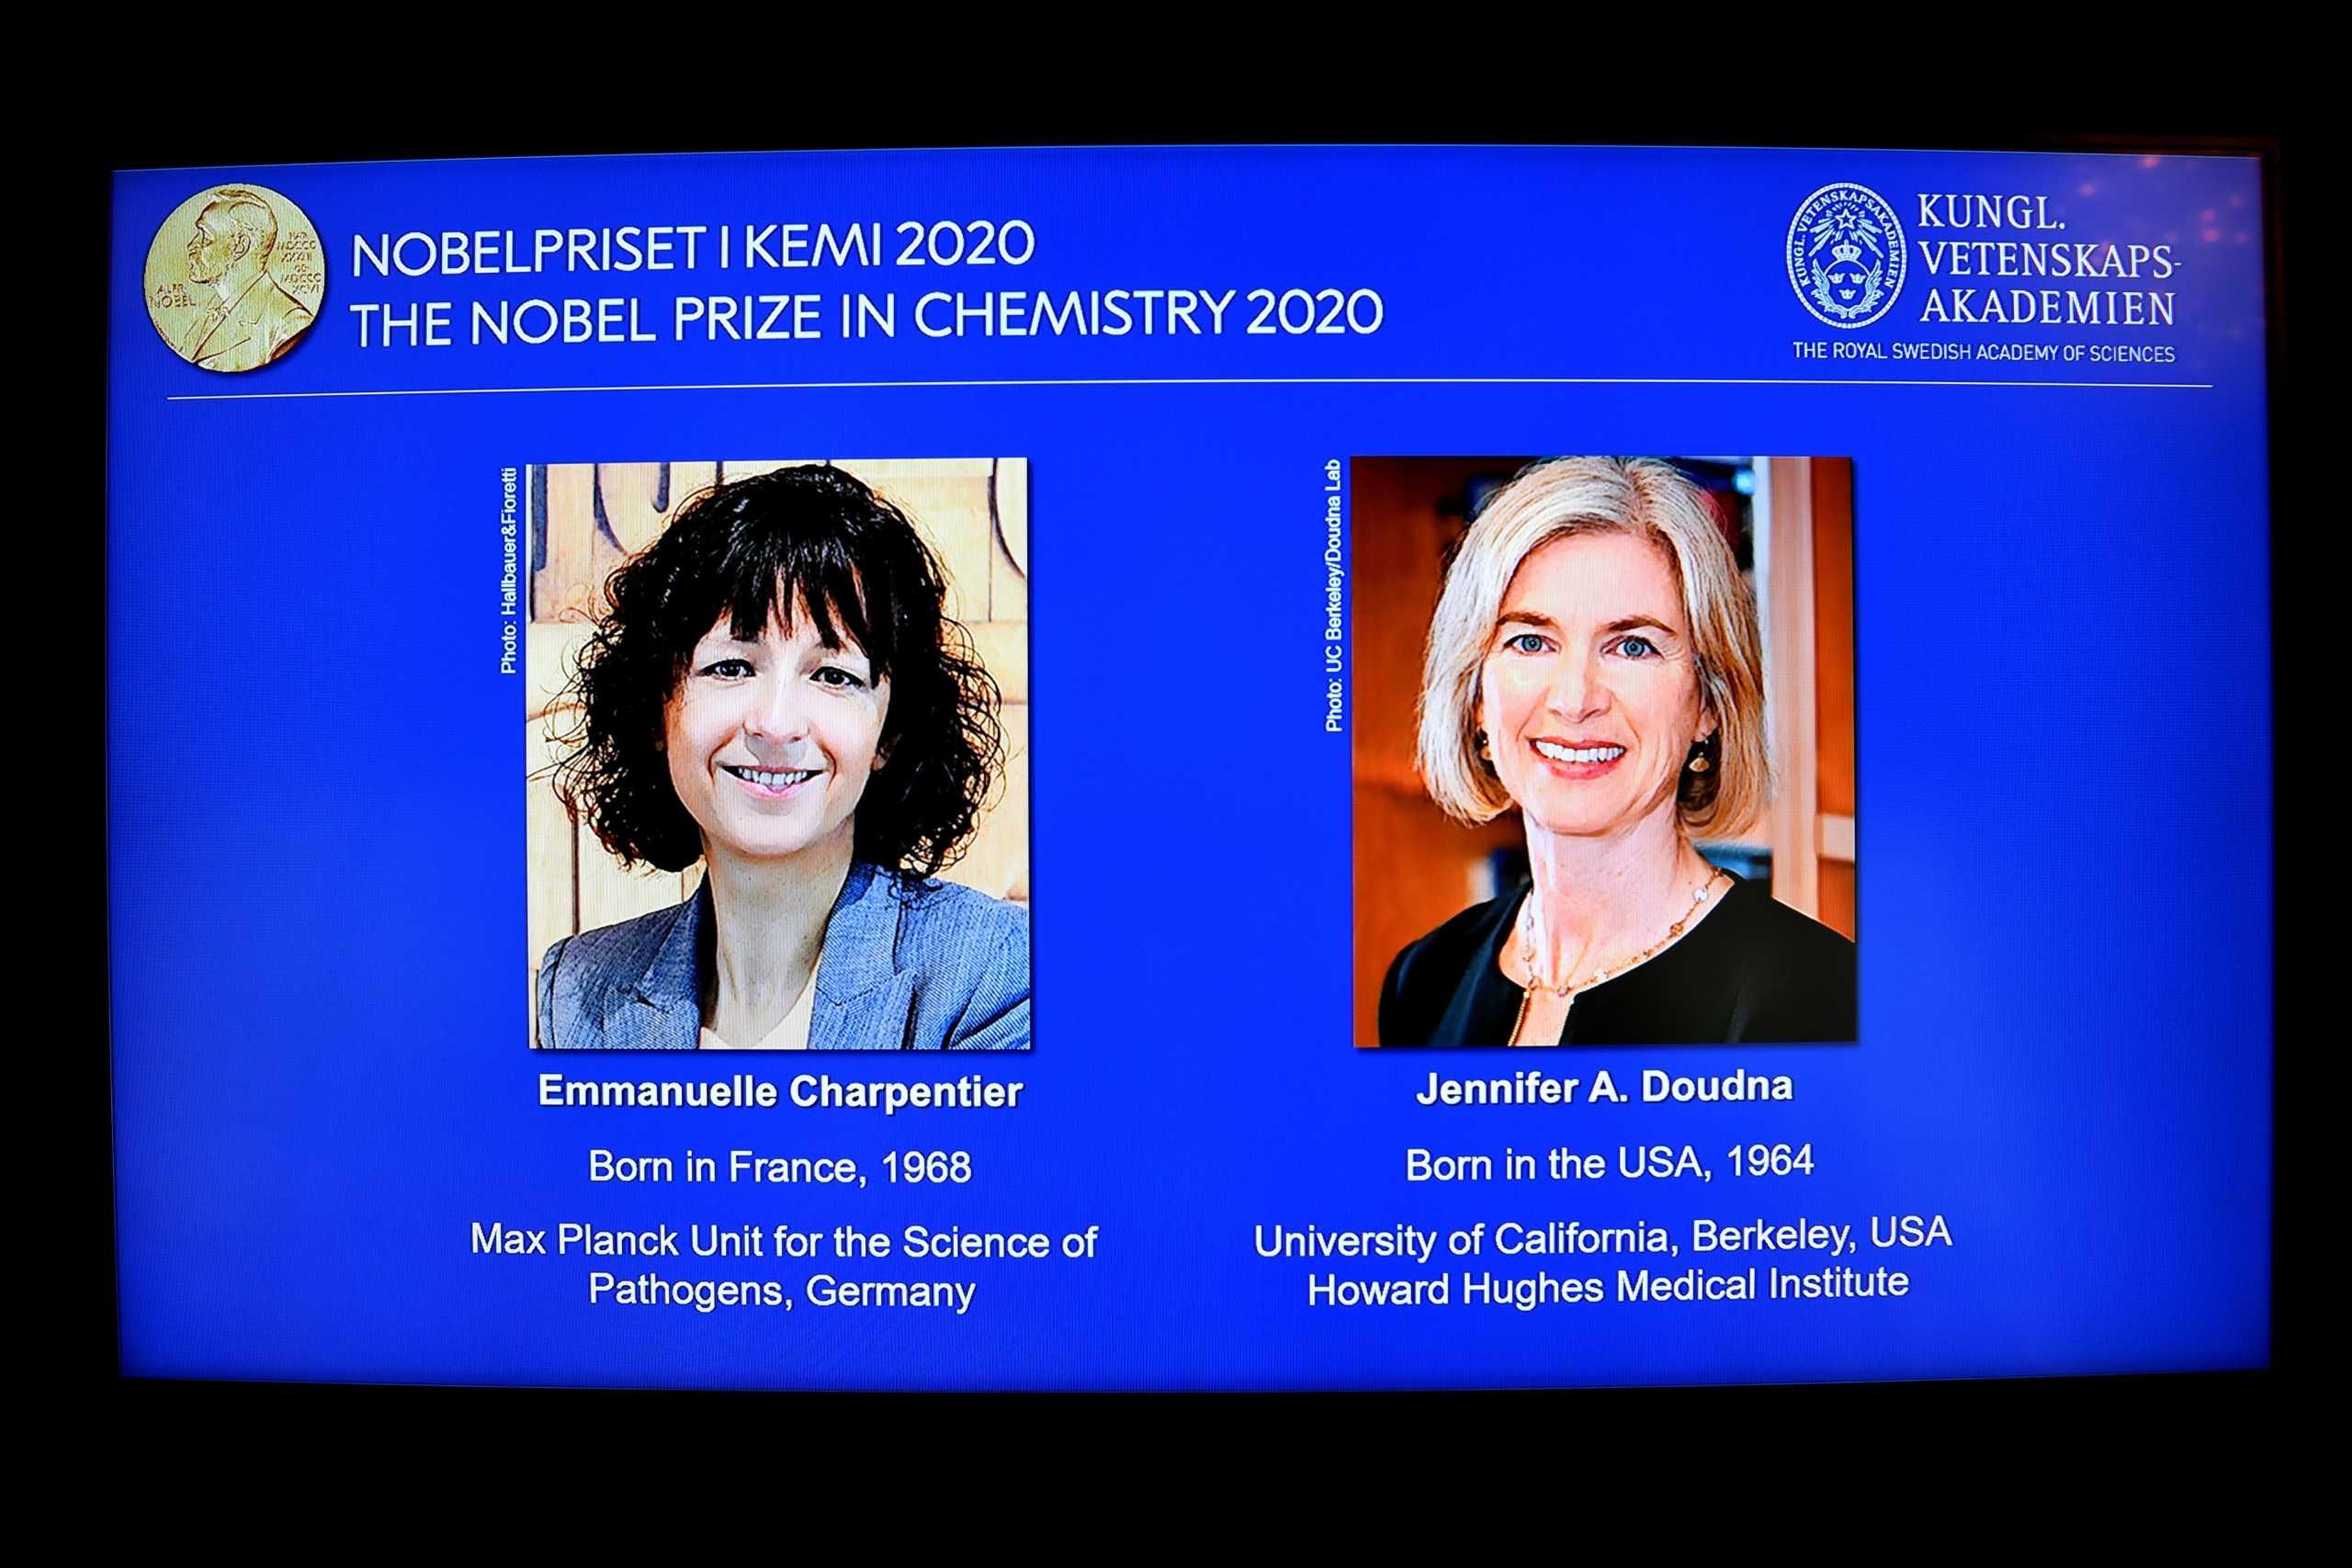 """Νόμπελ Χημείας 2020: Σε δύο γυναίκες για την """"επανεγγραφή του κώδικα της ζωής"""""""